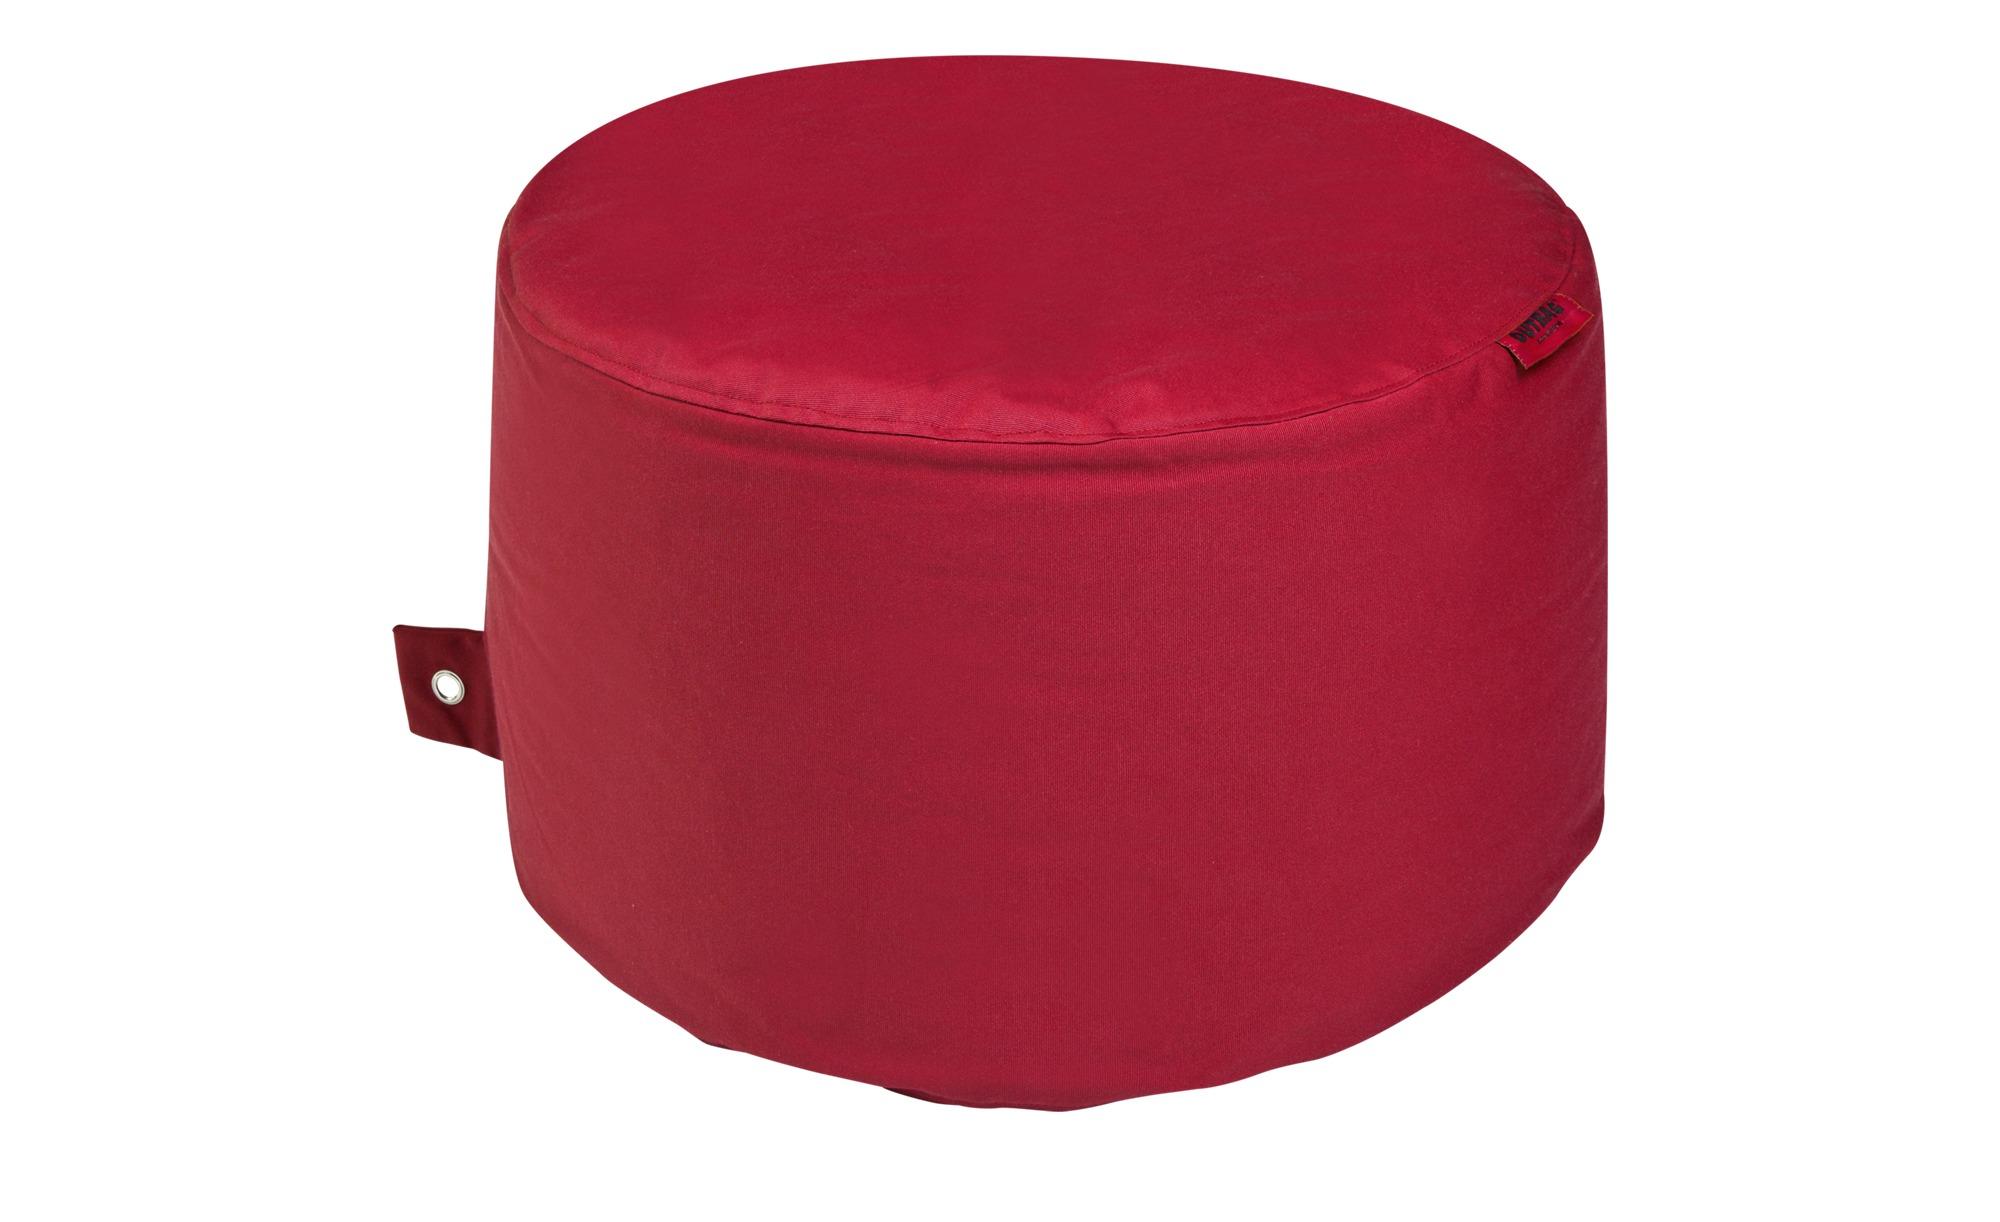 Sitzsack  Rock Plus ¦ rot ¦ Maße (cm): H: 35 Ø: [60.0] Garten > Auflagen & Kissen > Outdoor-Sitzsäcke - Höffner